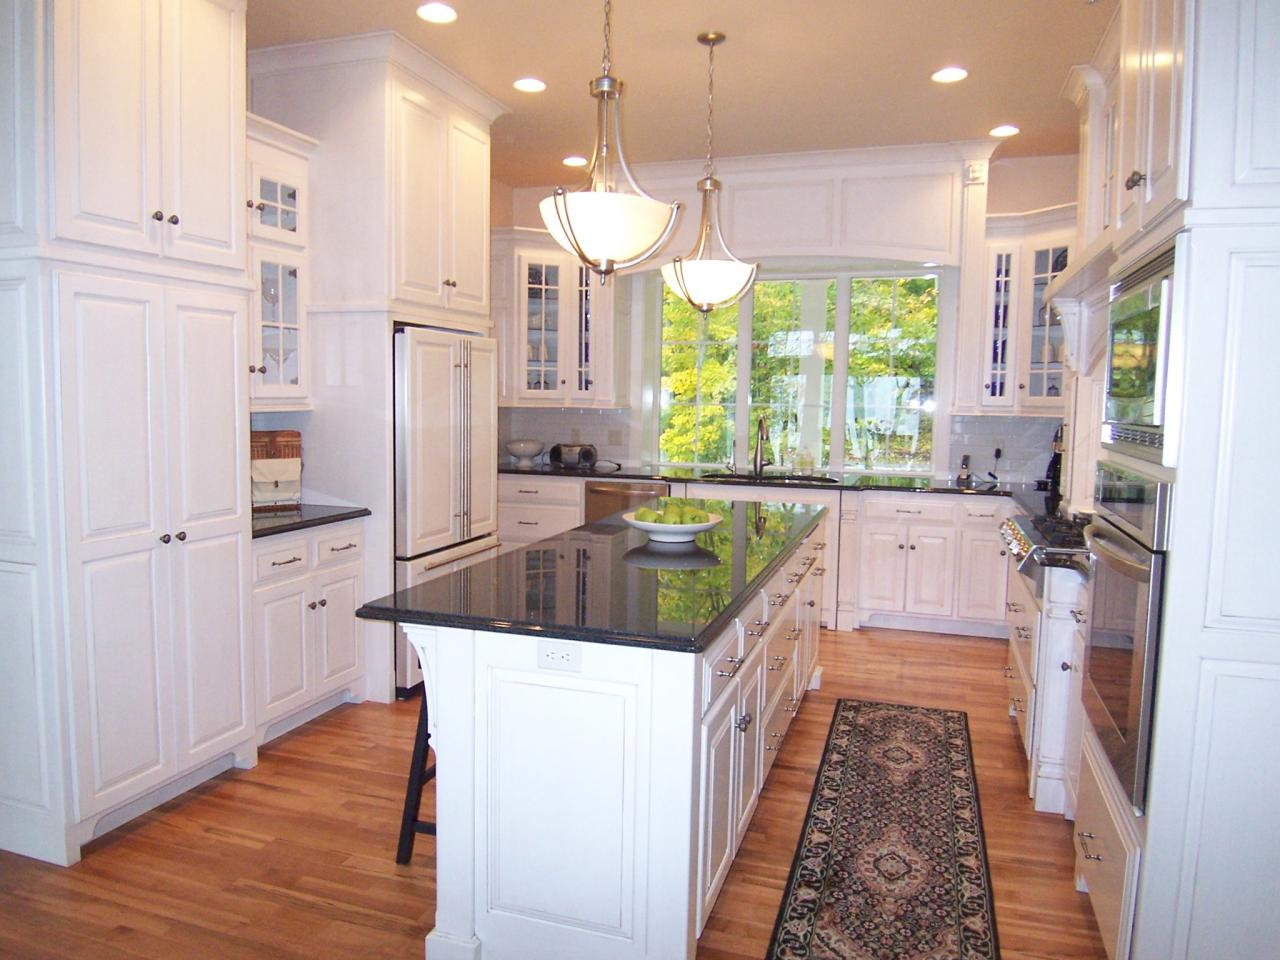 u shaped kitchen ideas photo - 10